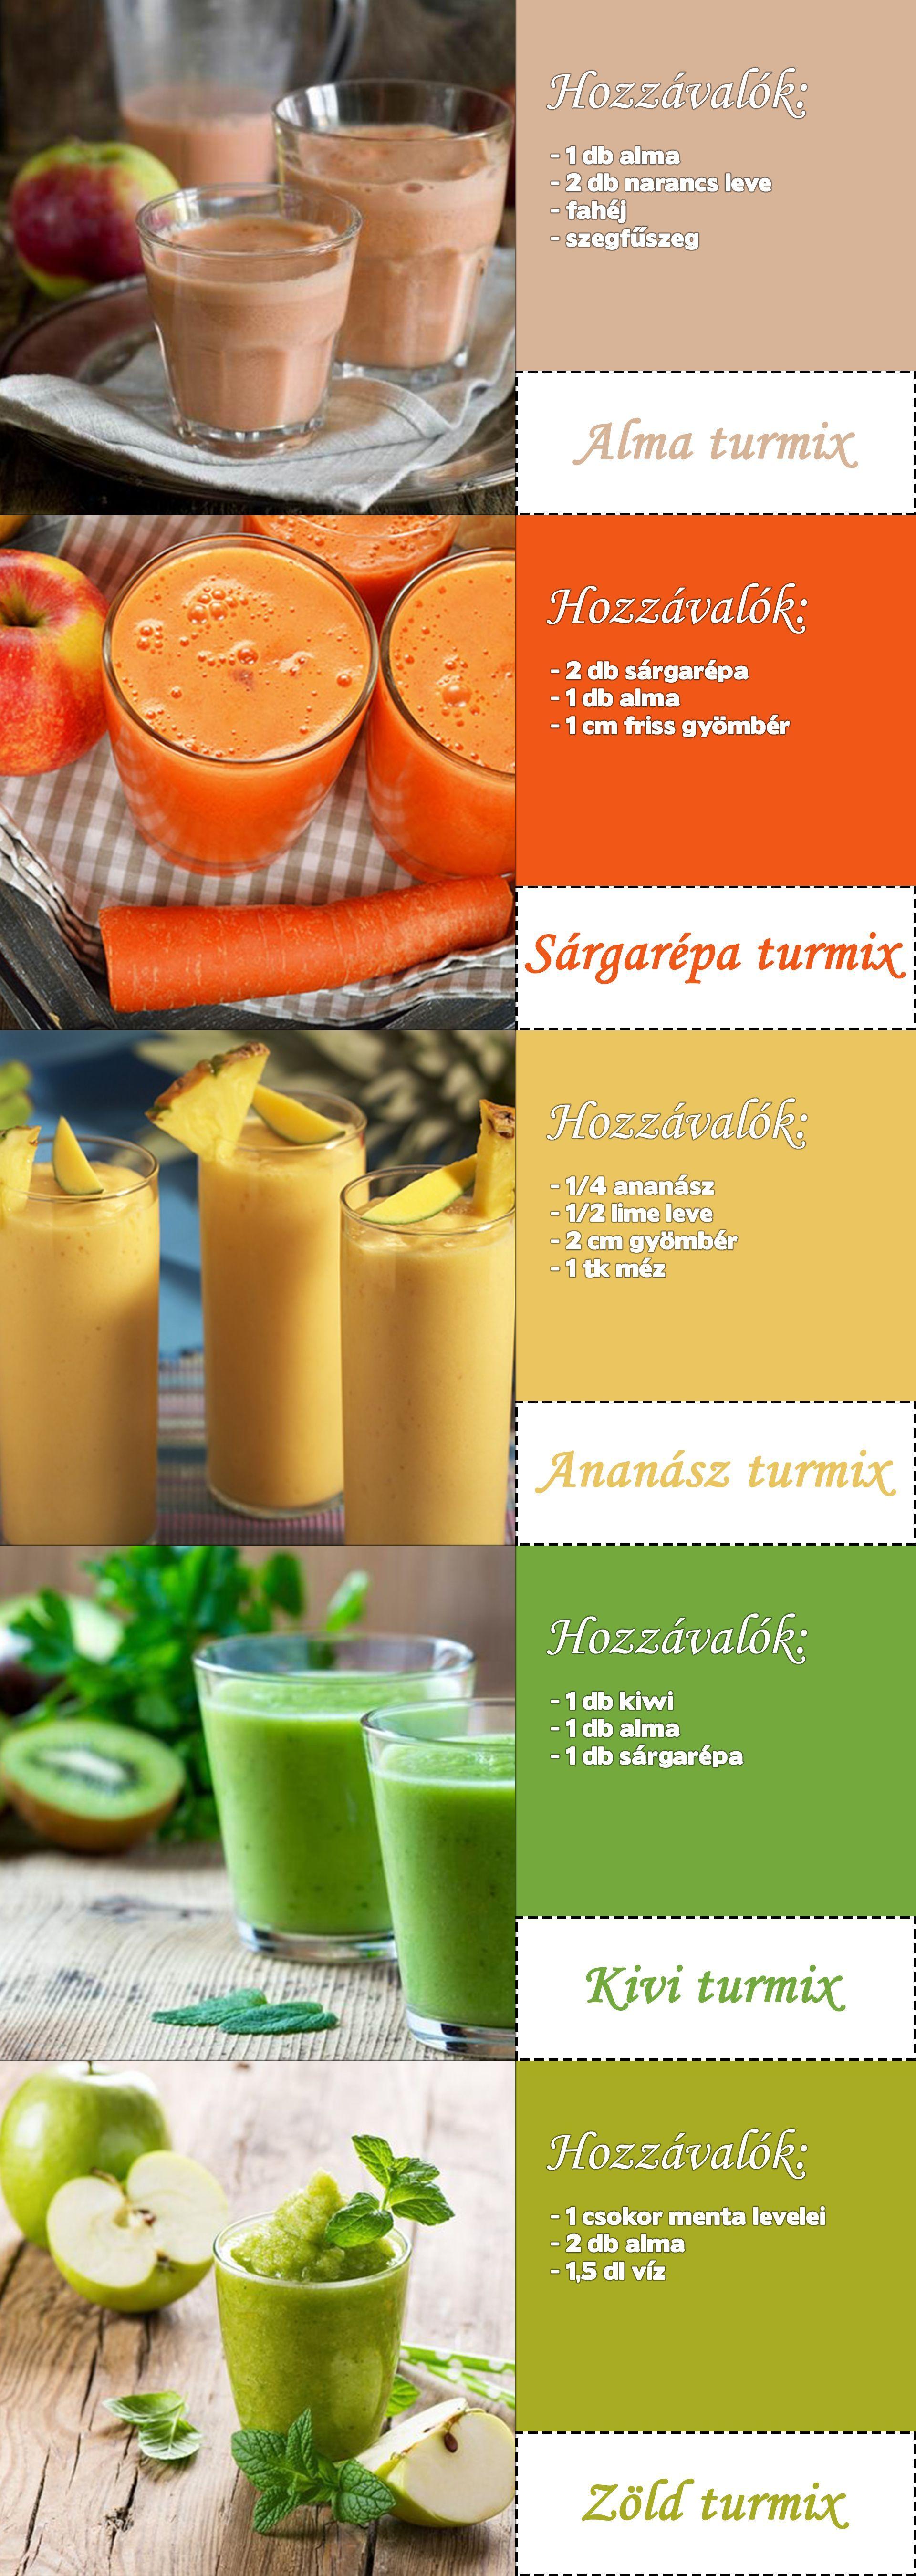 Karcsúsító turmixok - Méregtelenítő smoothie-k (9789633411759)